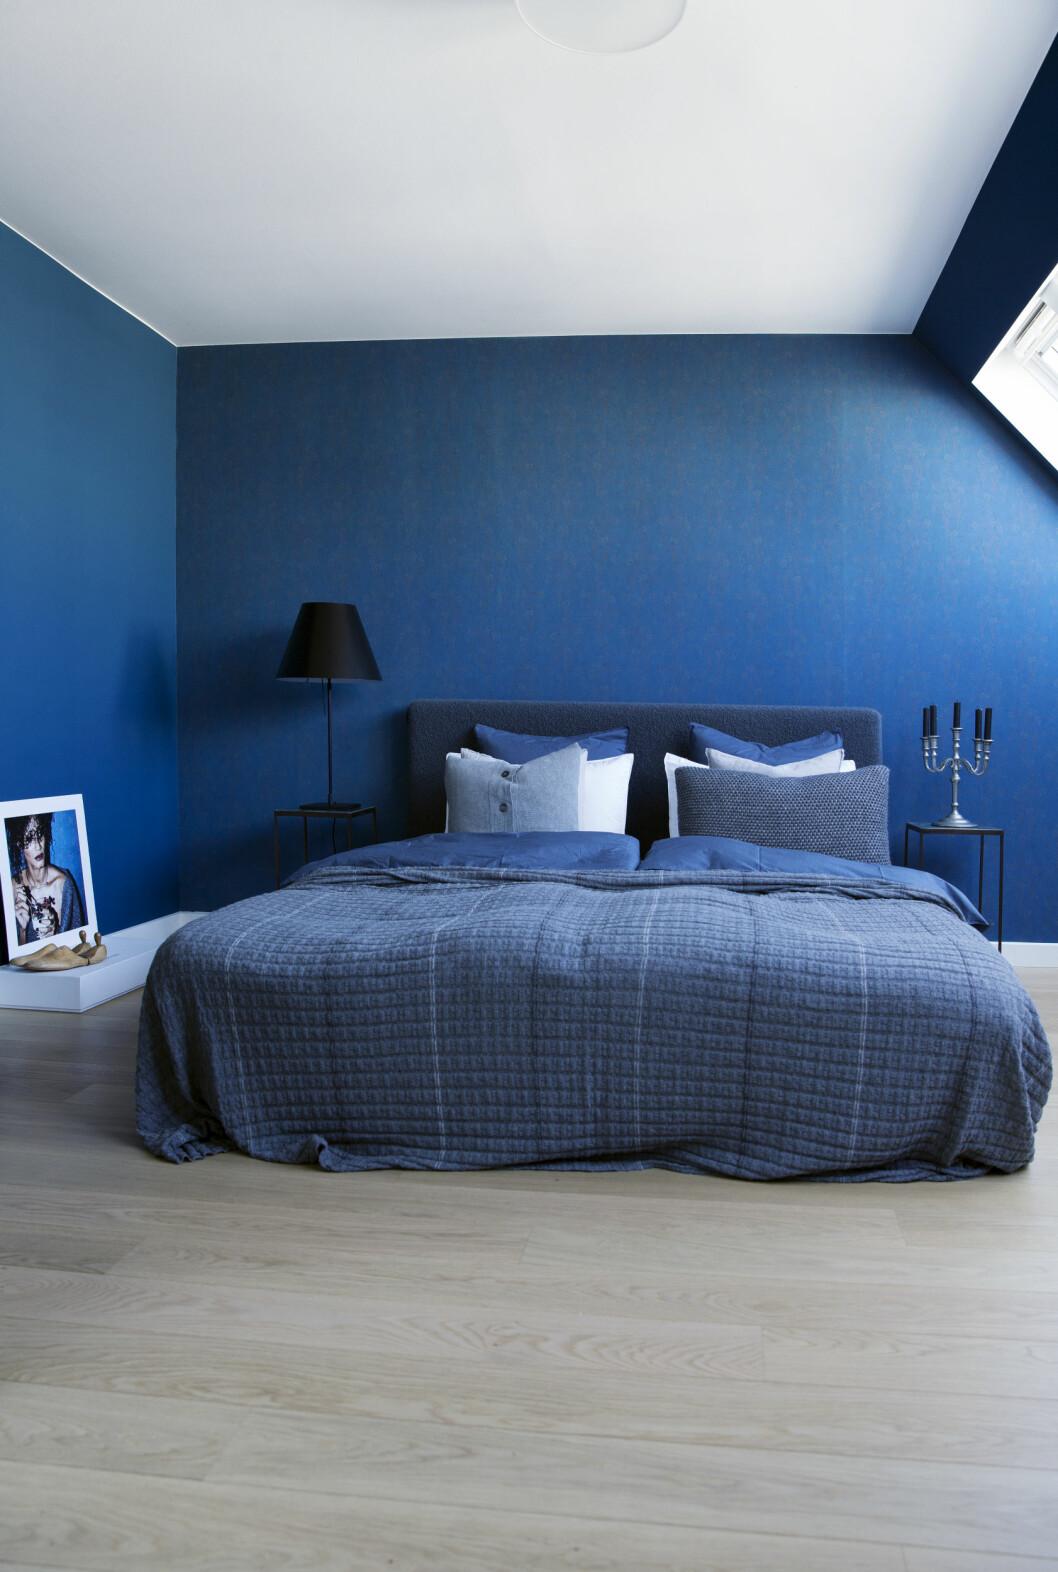 SOVEROM: Beroligende blå tapet fra Frederik Bagger Home. Sengeteppe fra Aiayu. Foto: Yvonne Wilhelmsen